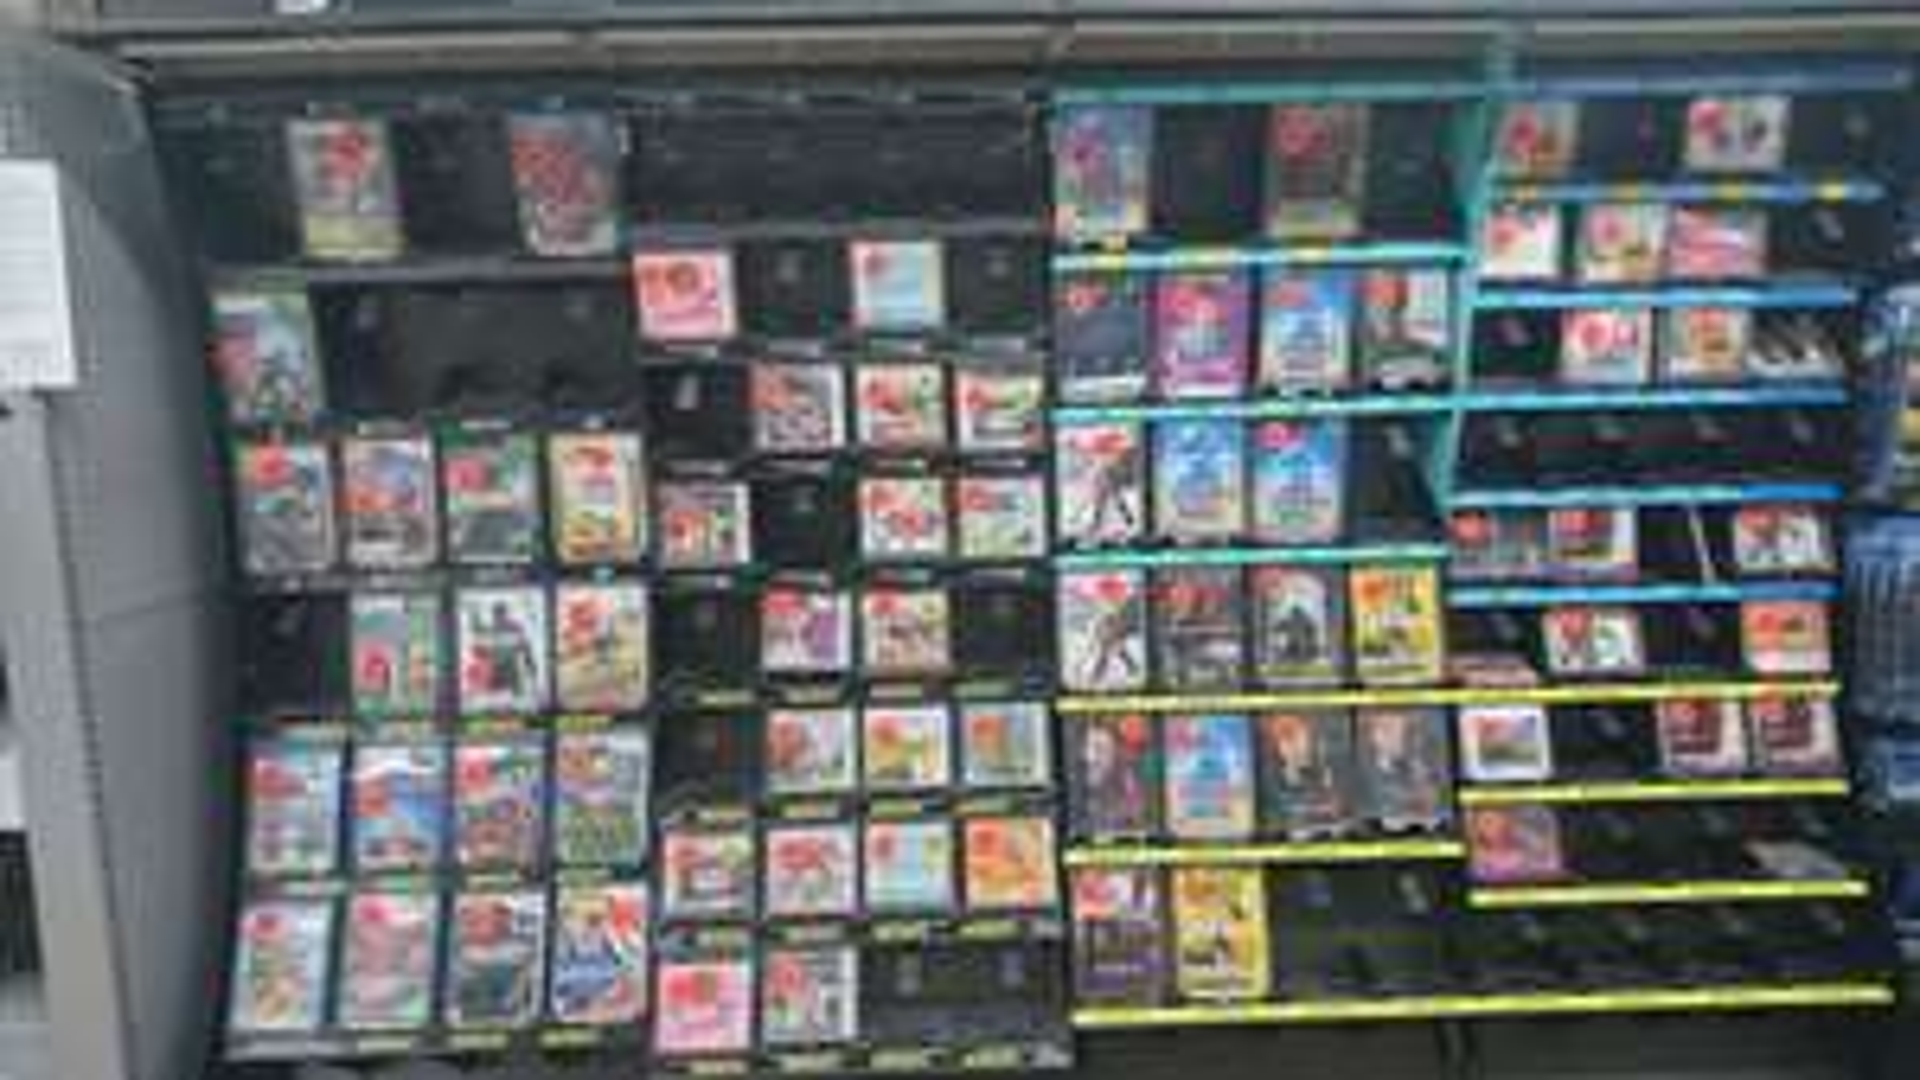 50% de réduction sur les jeux-vidéos, CD et DVD - Canohès (66)